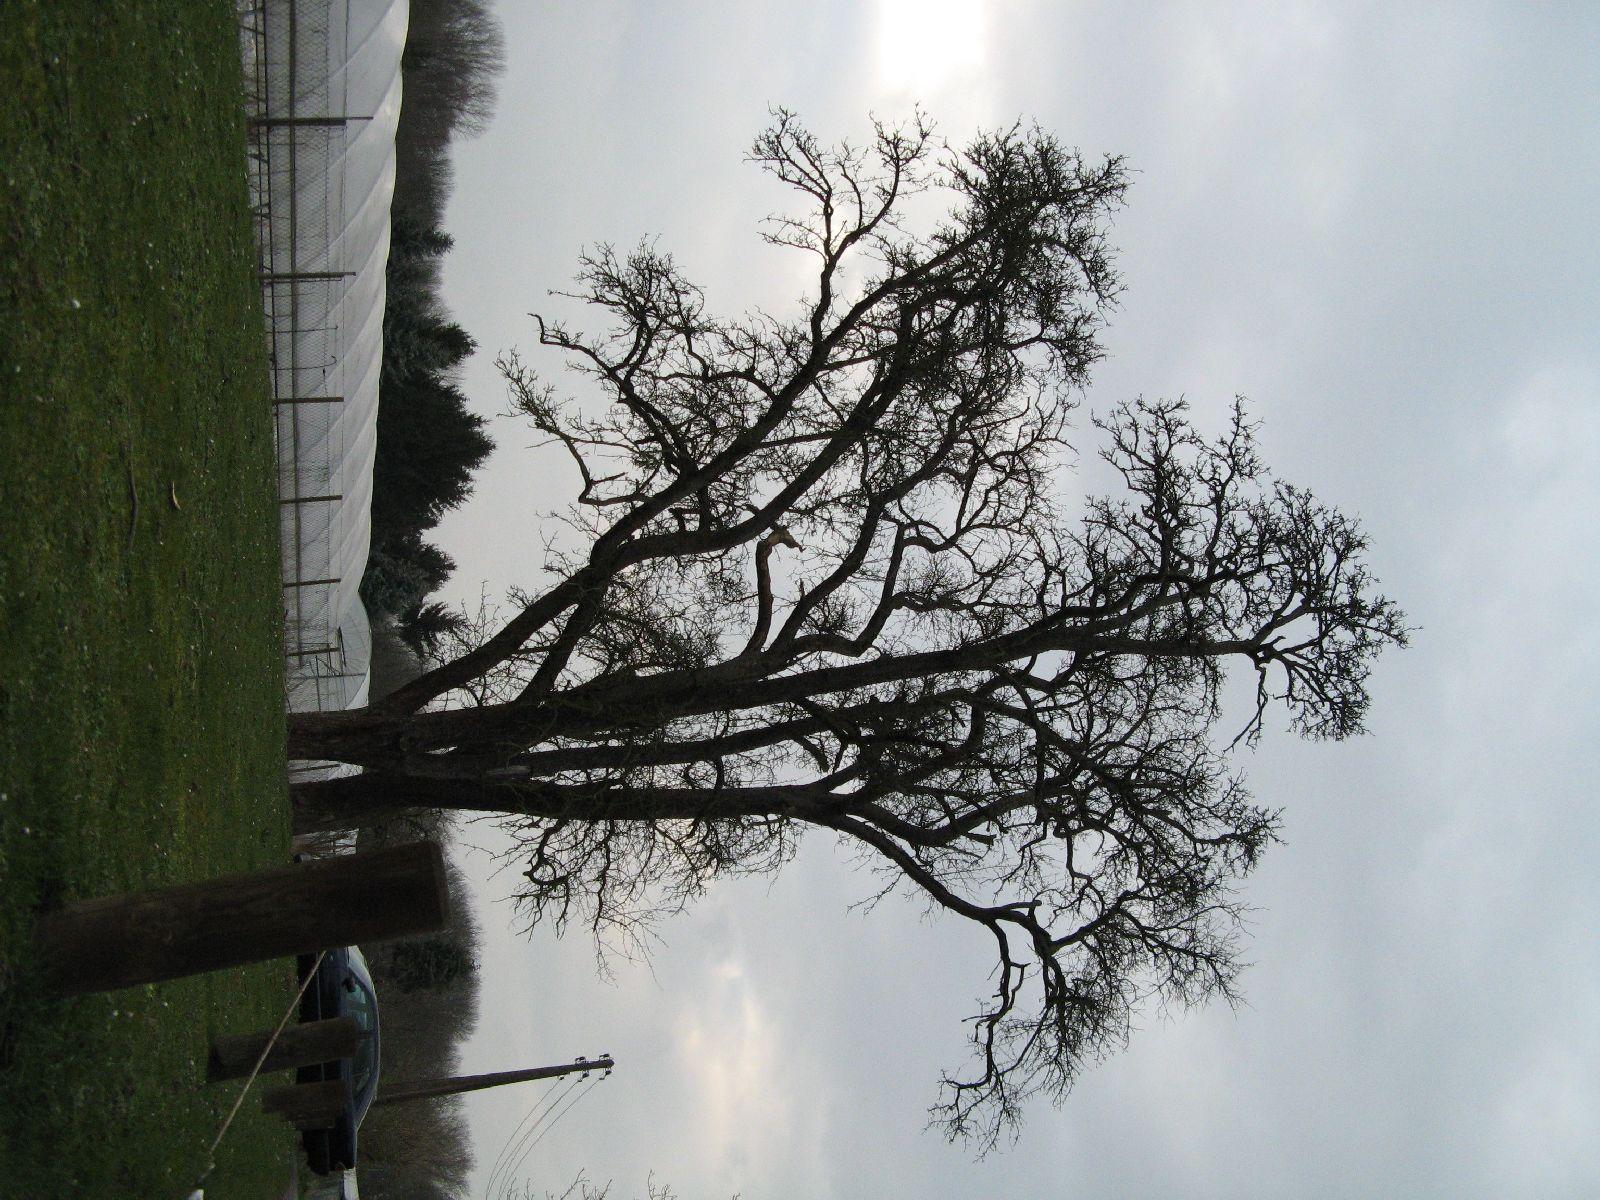 Pflanzen-Baum-Silhouette-Foto_Textur_B_43380